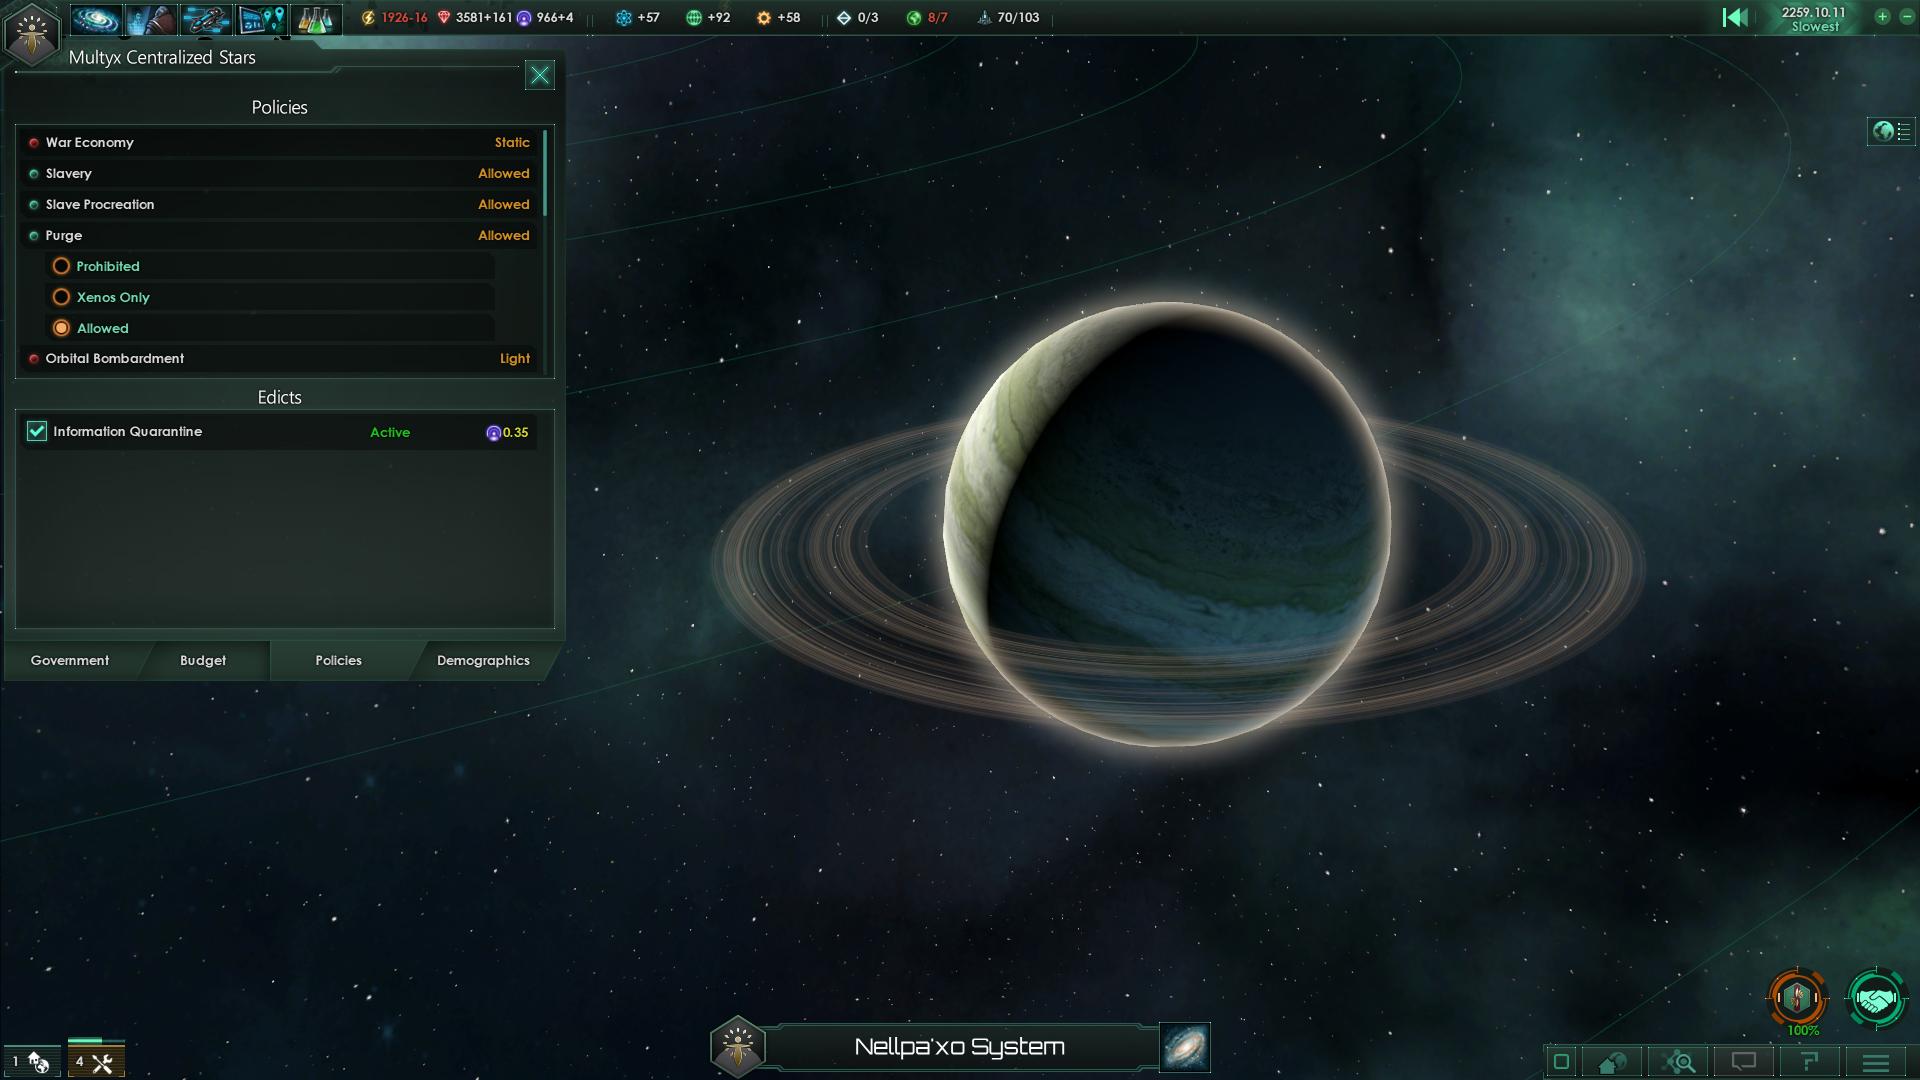 Stellaris Policies Screenshot